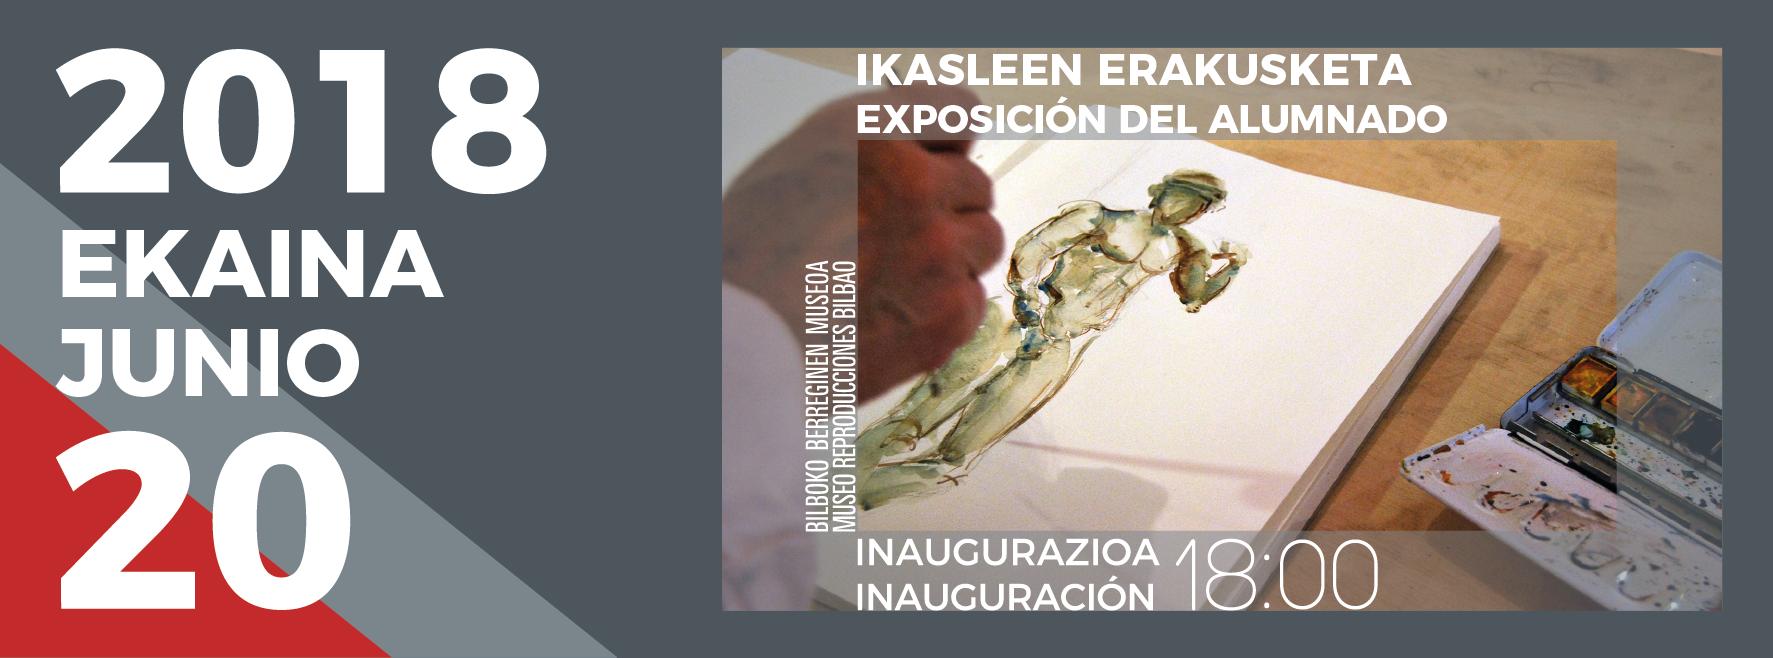 Bilboko Berreginen Museoak Marrazketa eta Margolaritza ikastaroko ikasleen artelanez osatutako erakusketa inauguratuko du